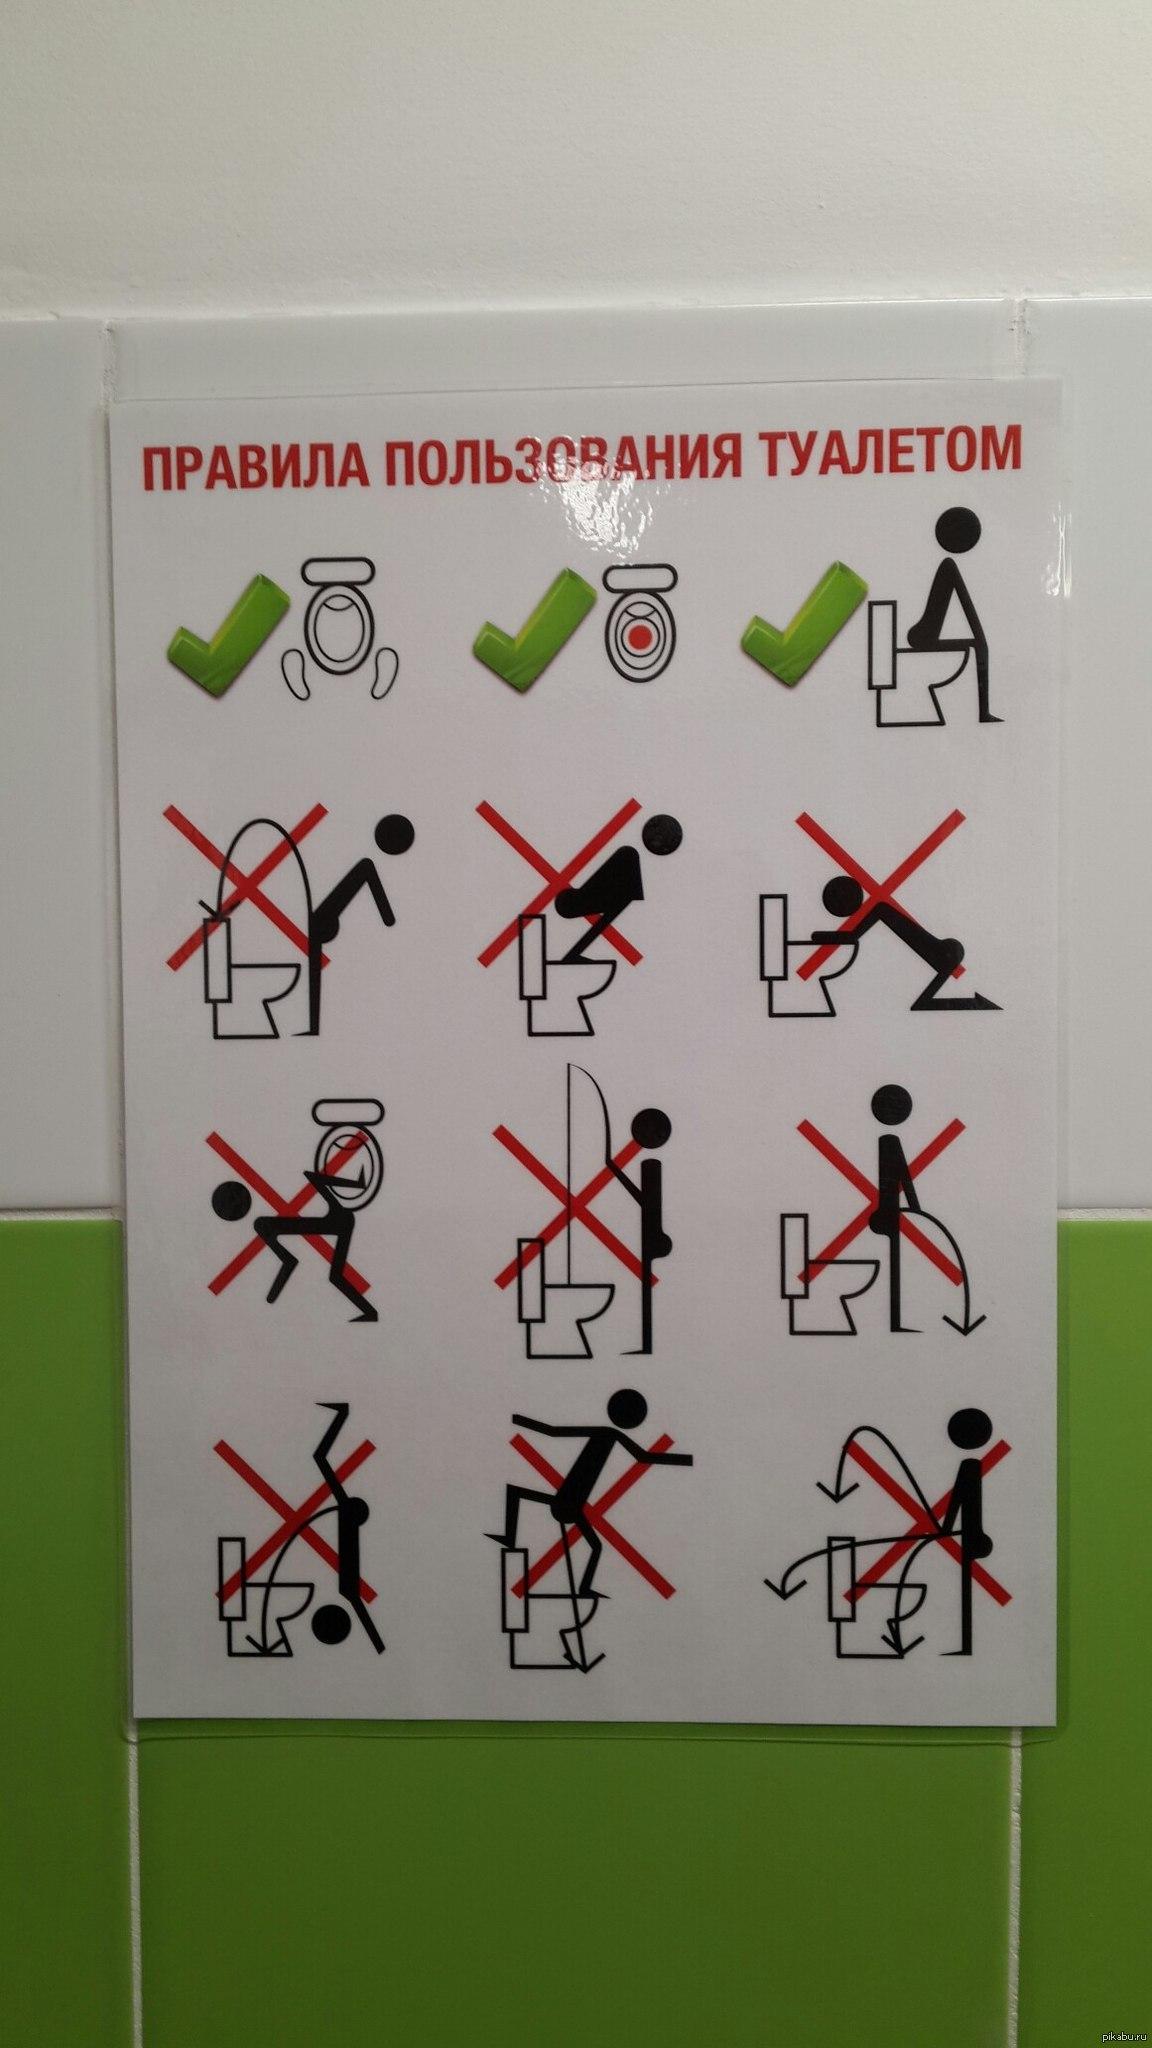 Прикольные картинки правило пользование туалетом, бабушке марта